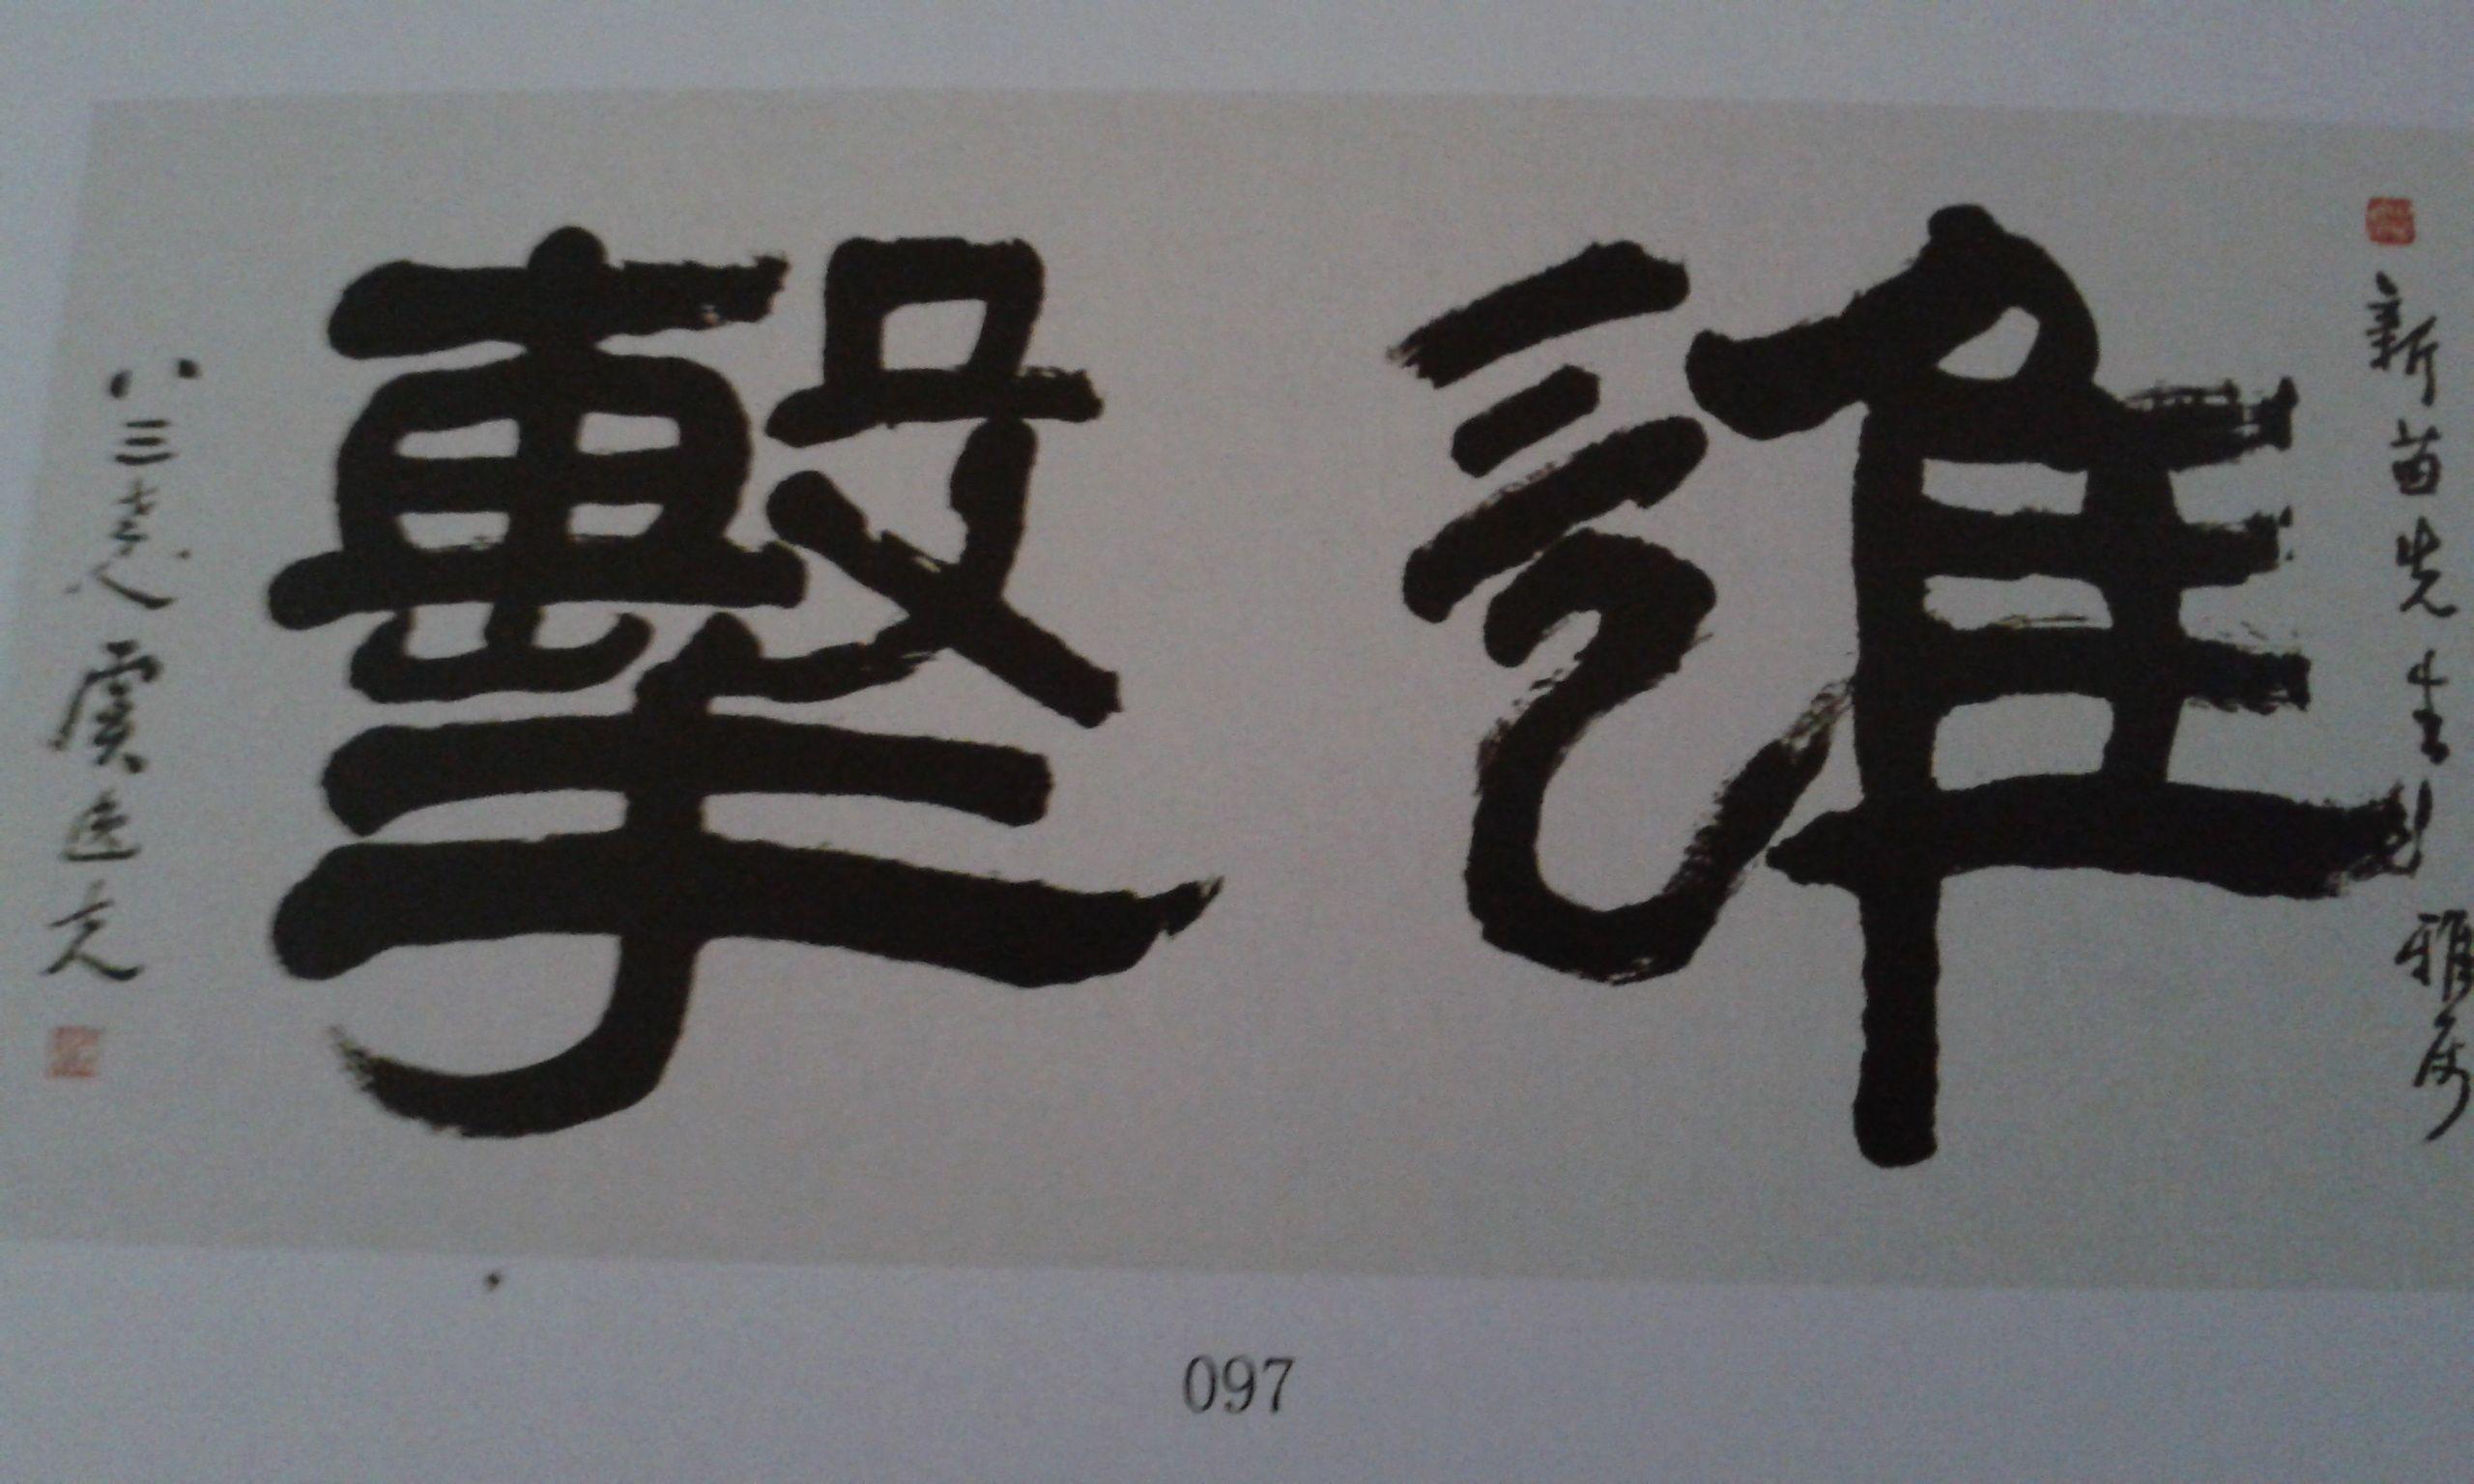 宇为上下结构,姓名学笔画6画;字型优美,利于书写. 意蕴名字可以